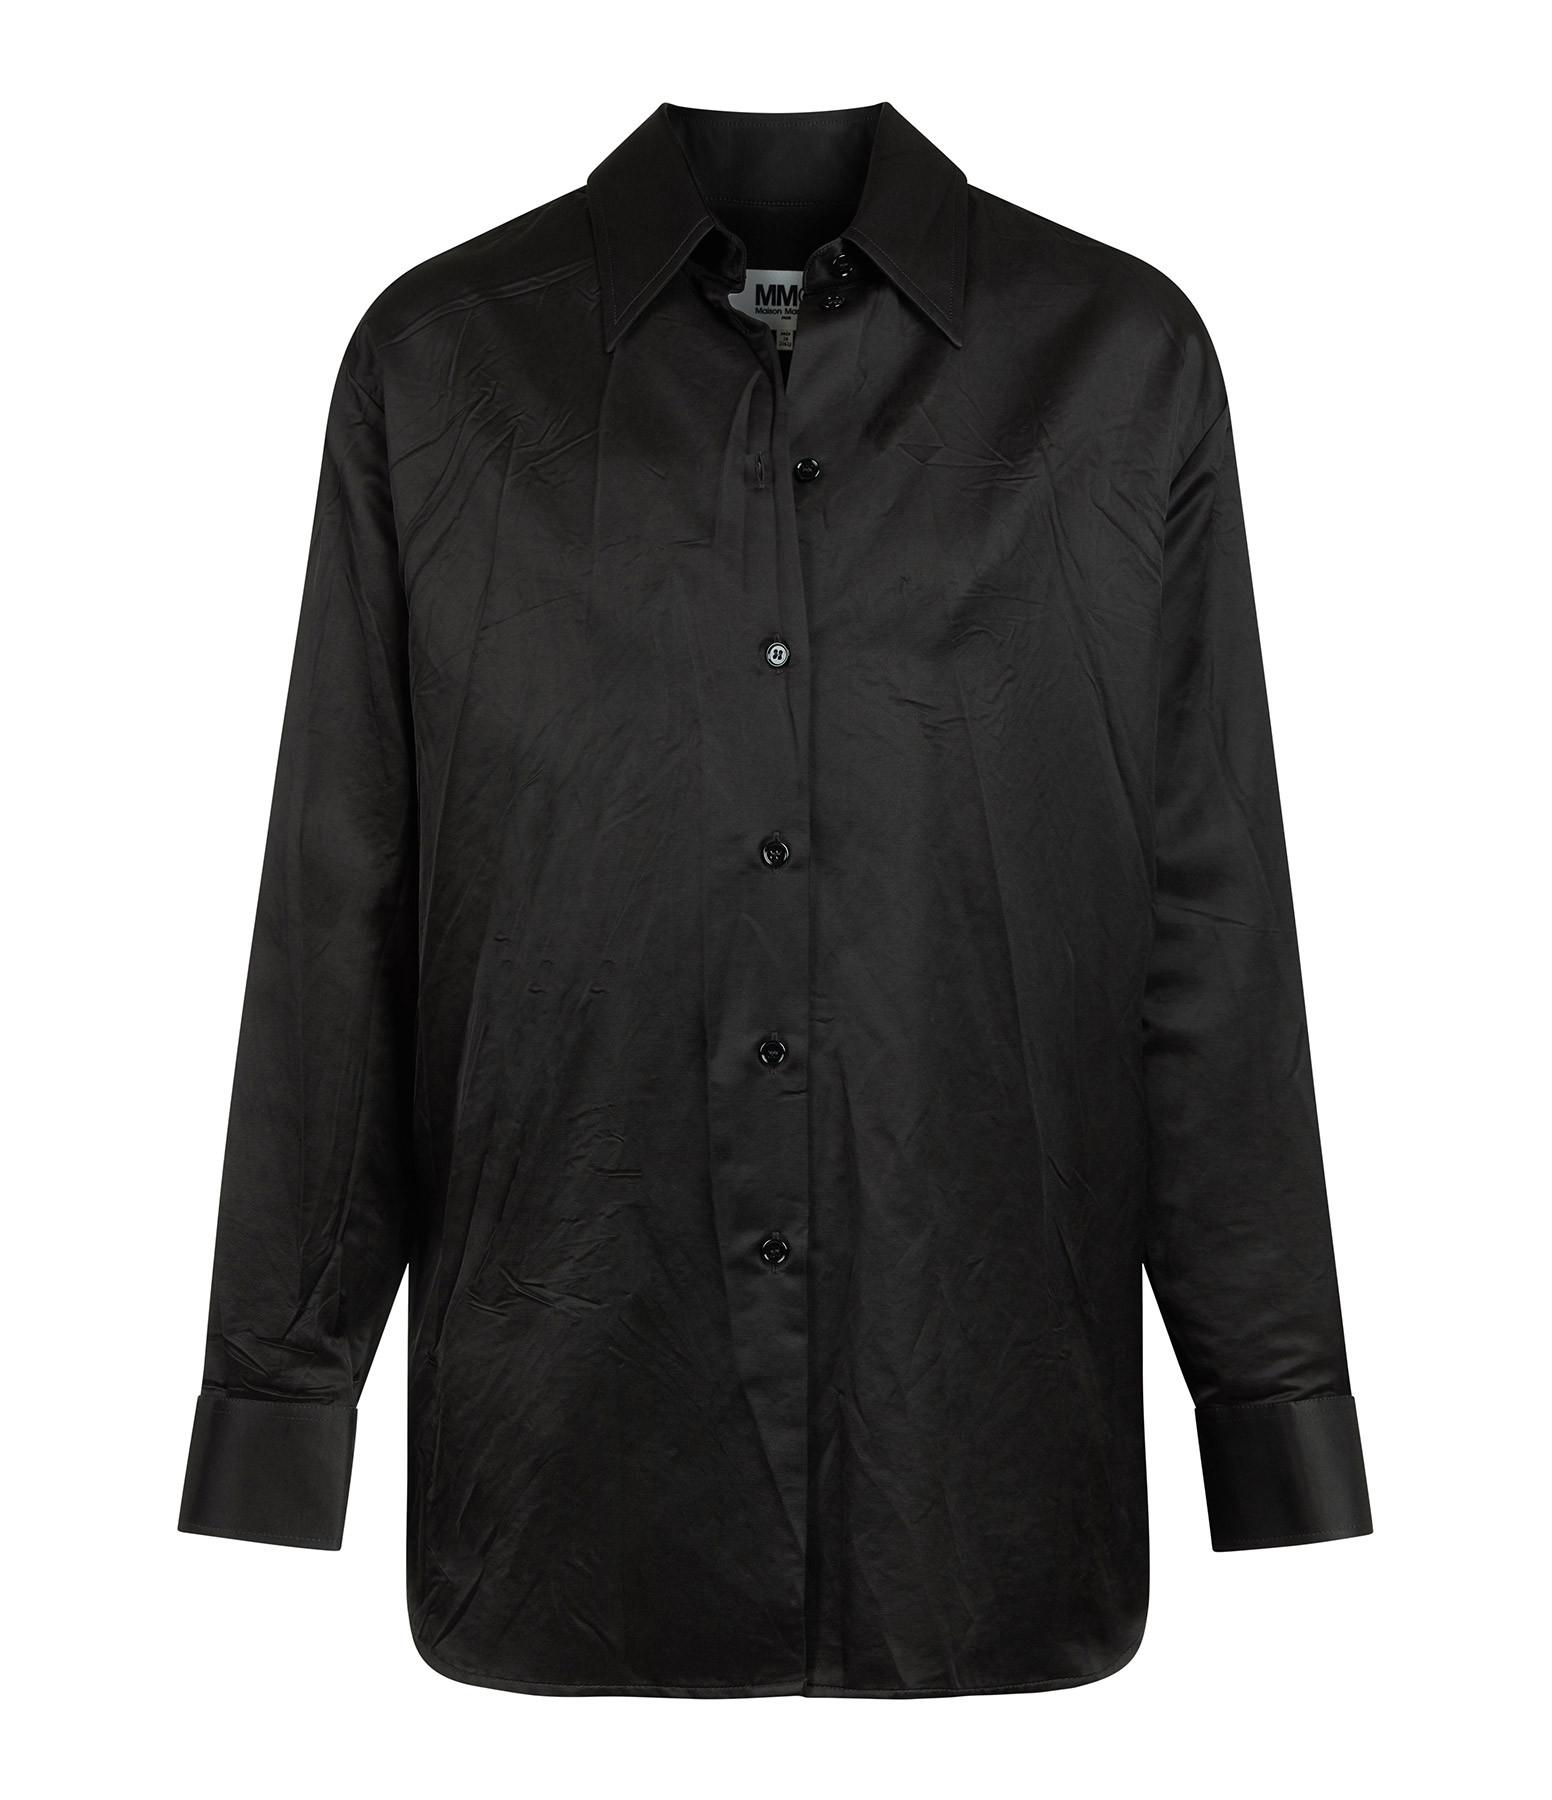 MM6 MAISON MARGIELA - Chemise Coton Noir